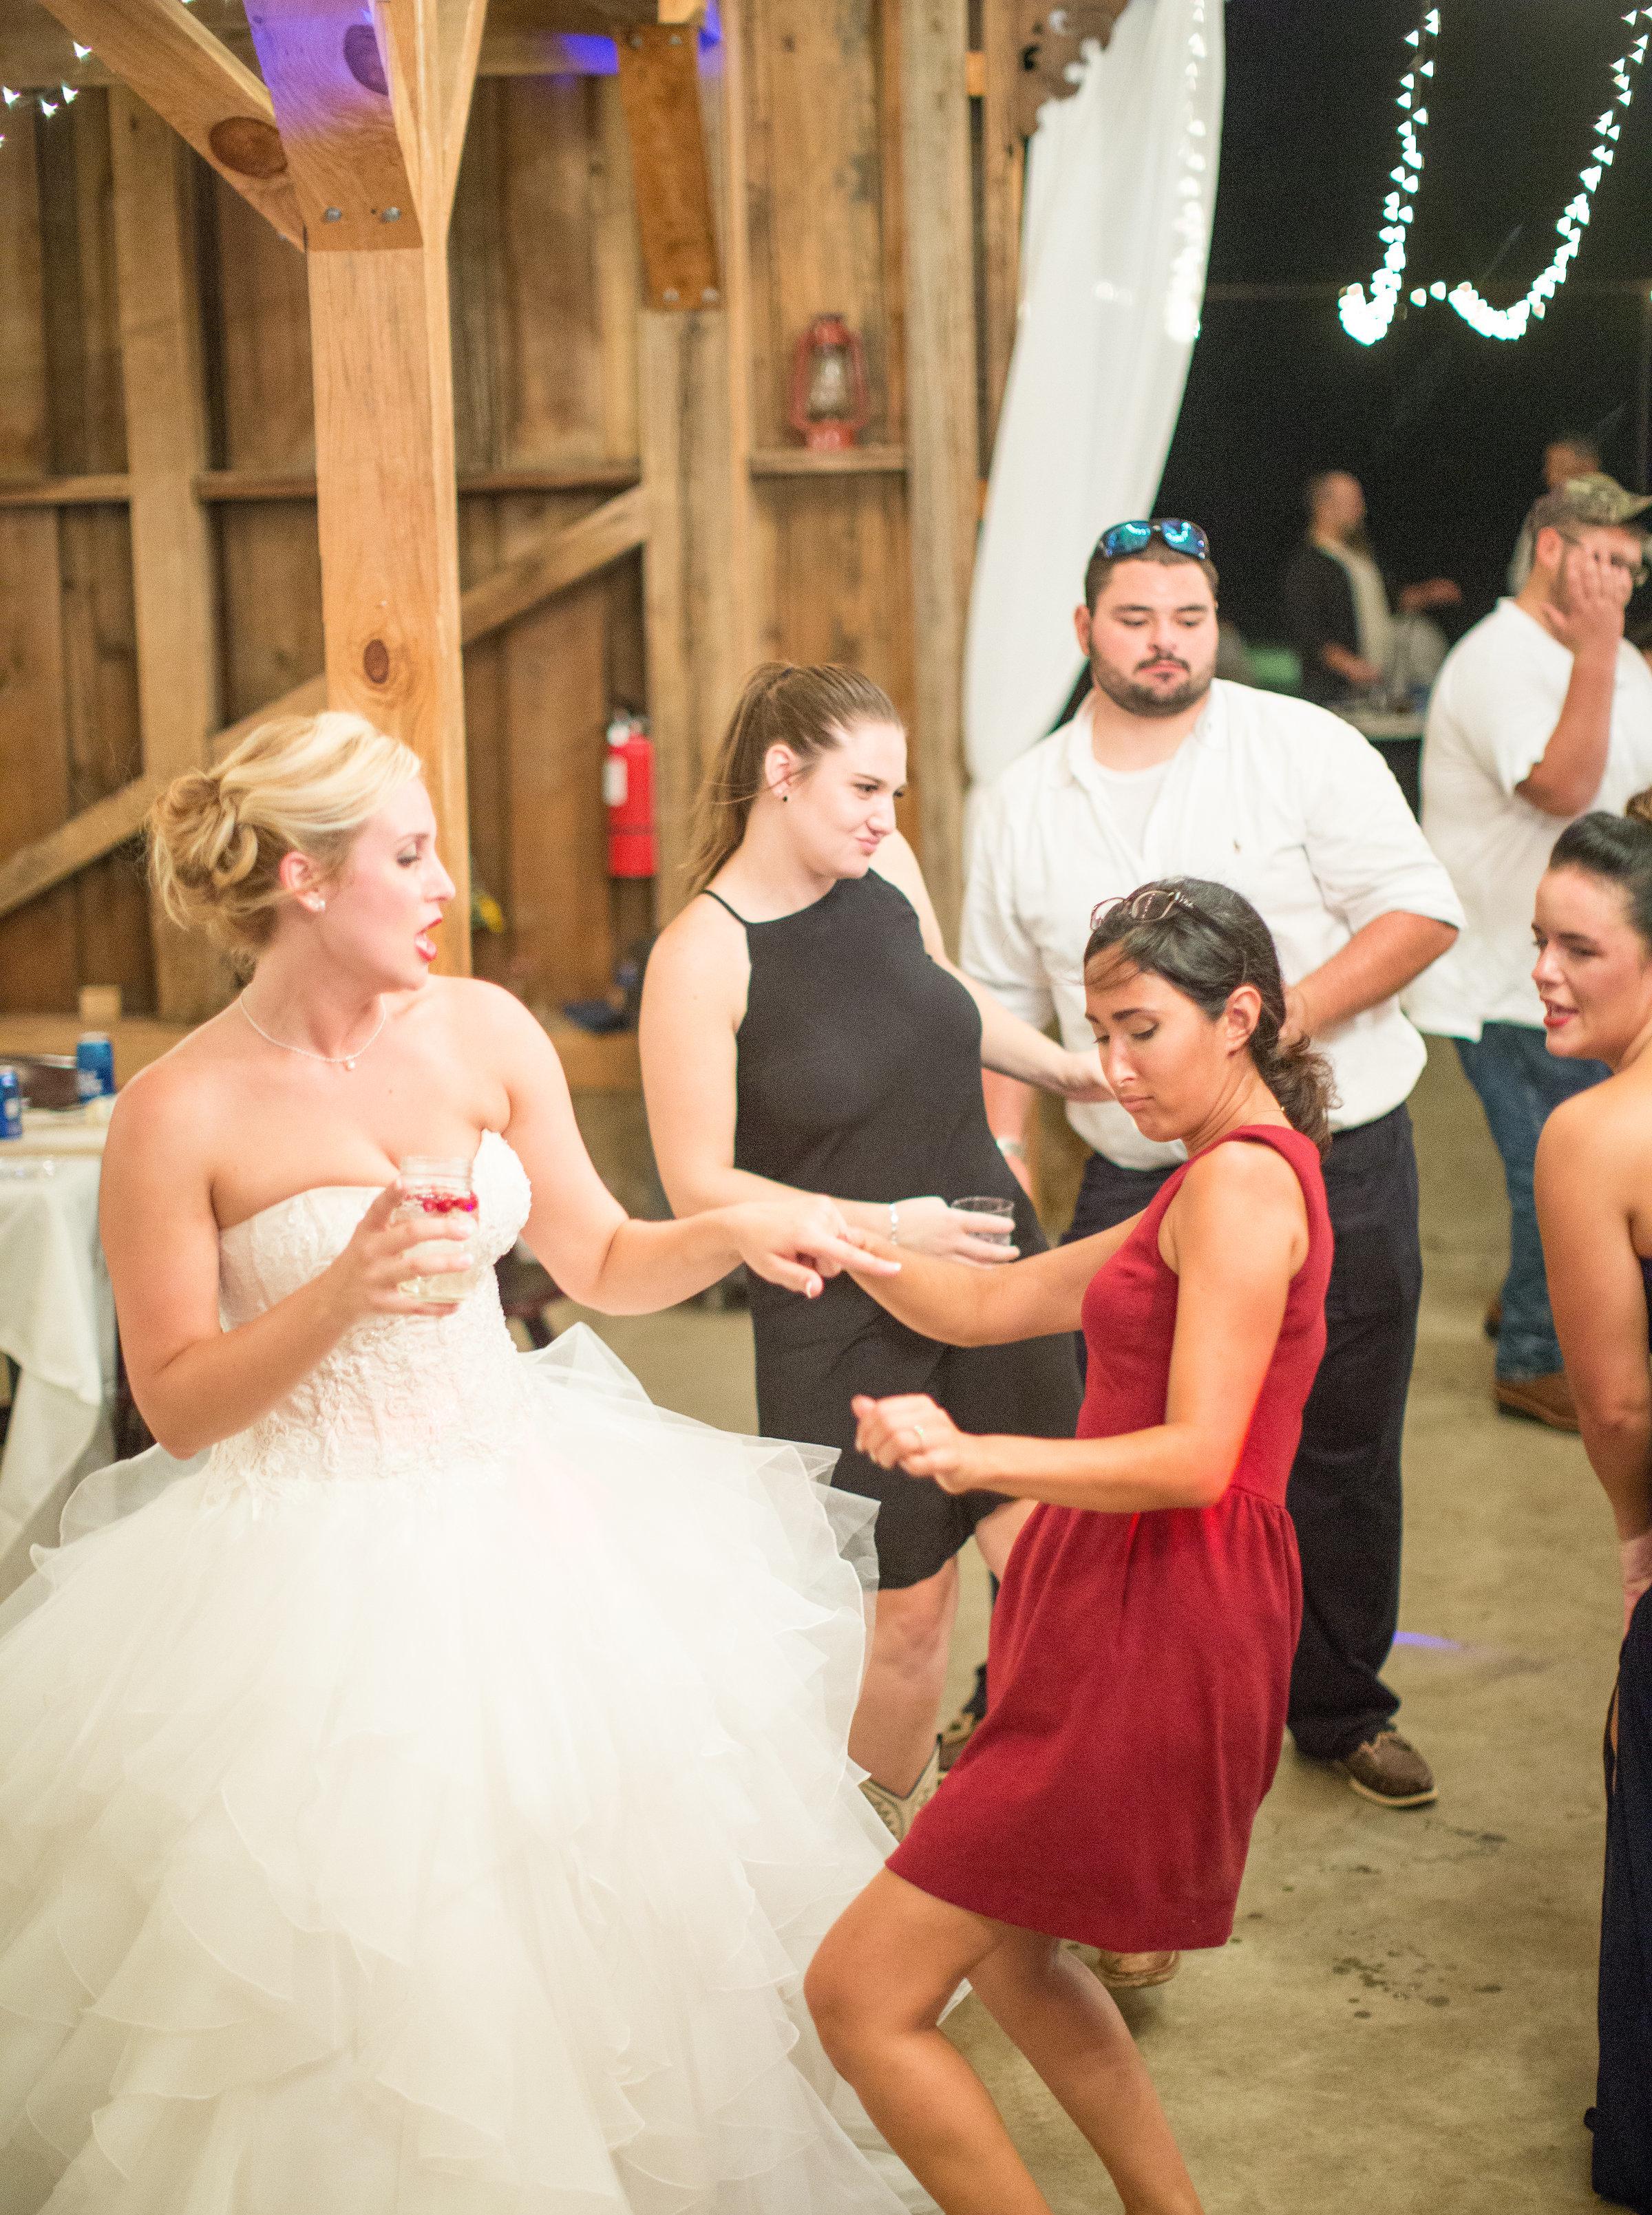 wedding-planner-dancing-coordinator-bride-gown-photos.jpg